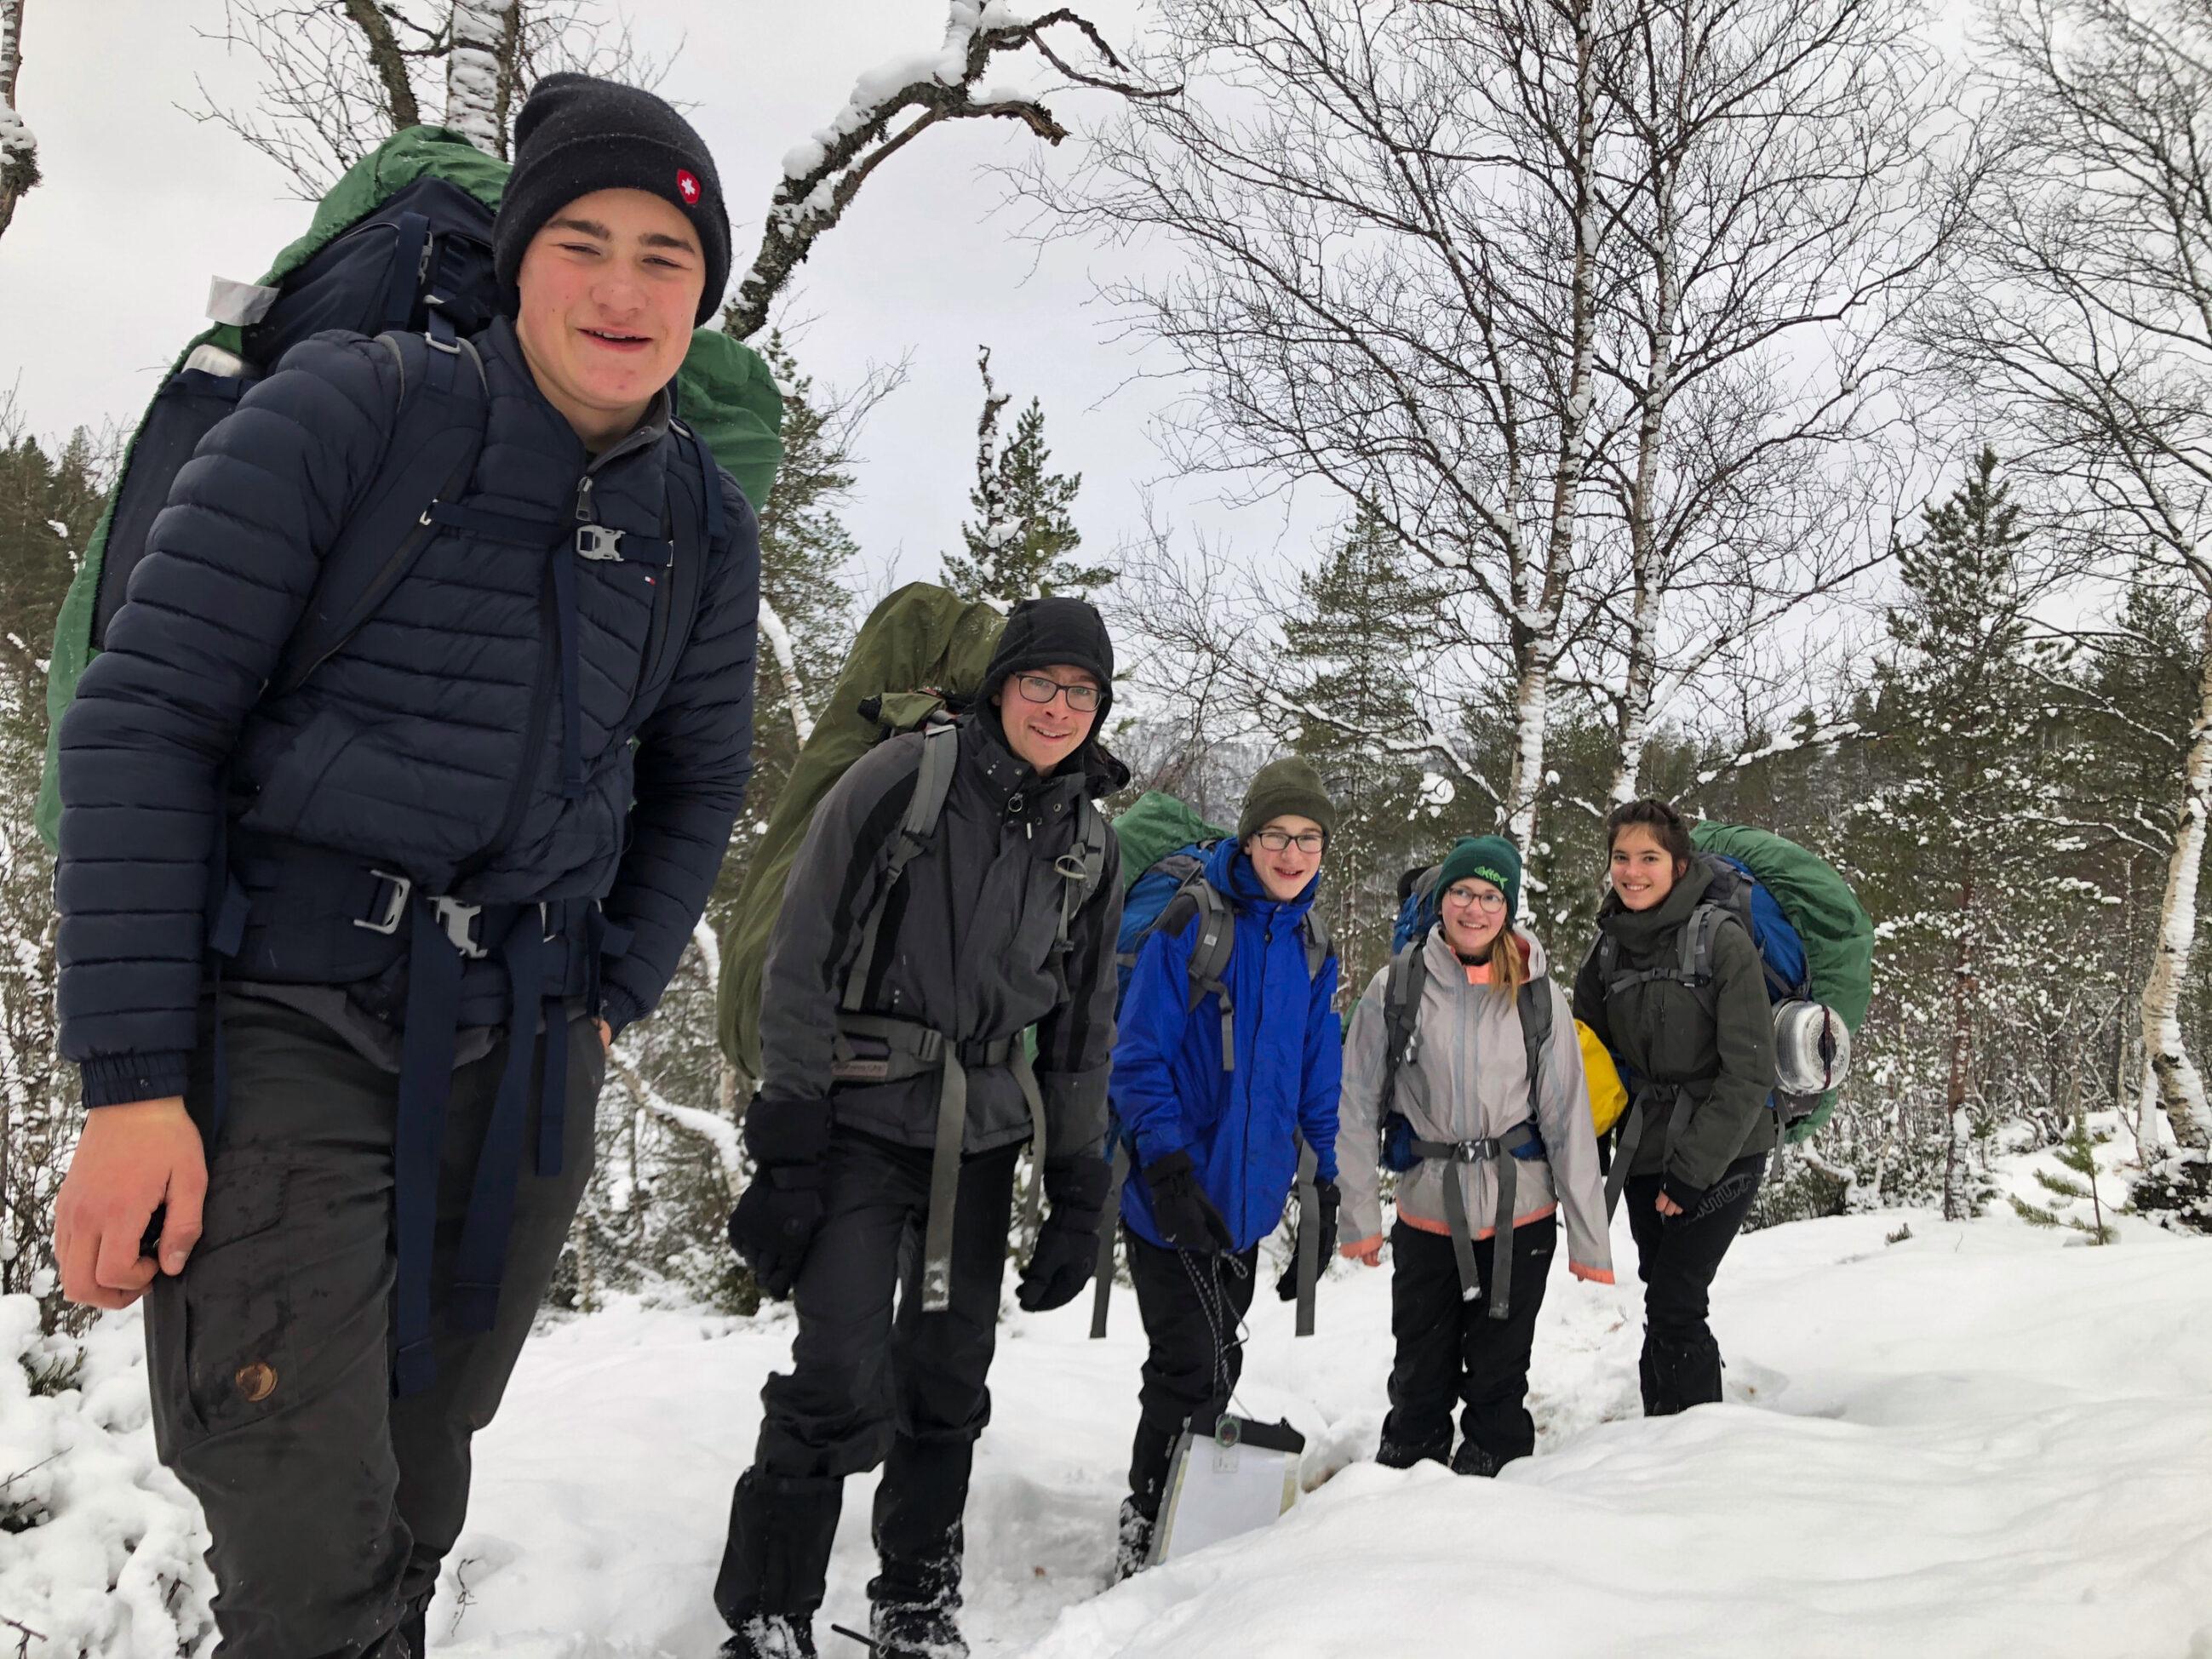 Monatsbericht Dezember 2020 Outdoor College 2 scaled